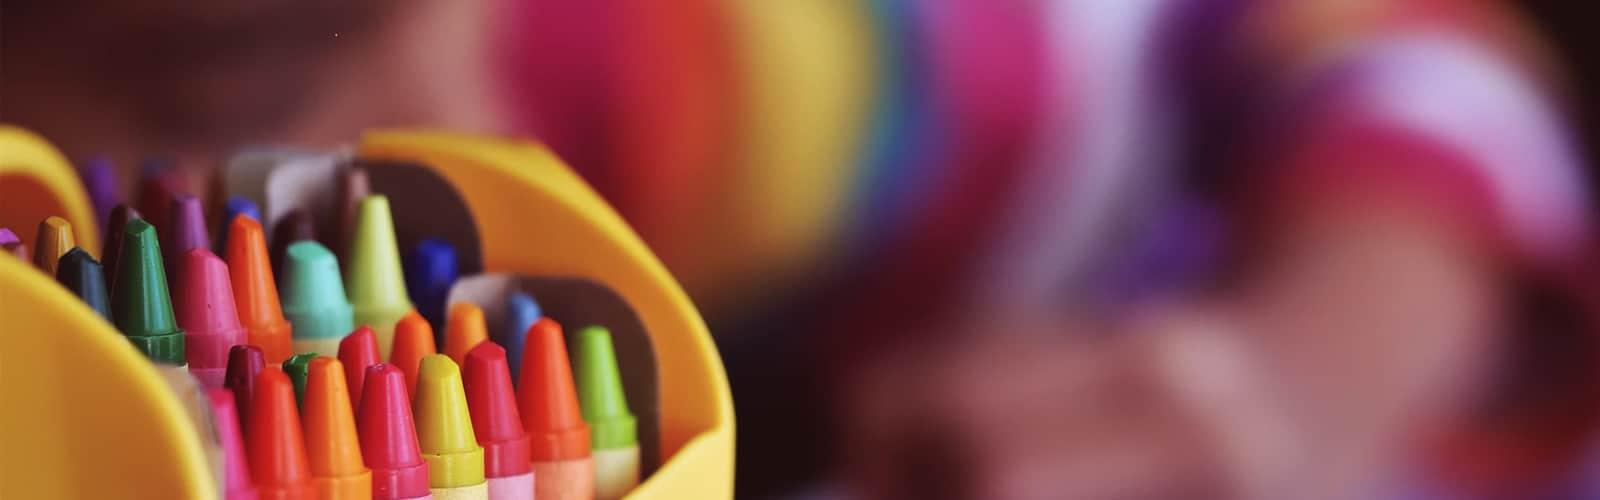 Covid-19 et fermeture des écoles : Quelles mesures pour garder vos enfants ?